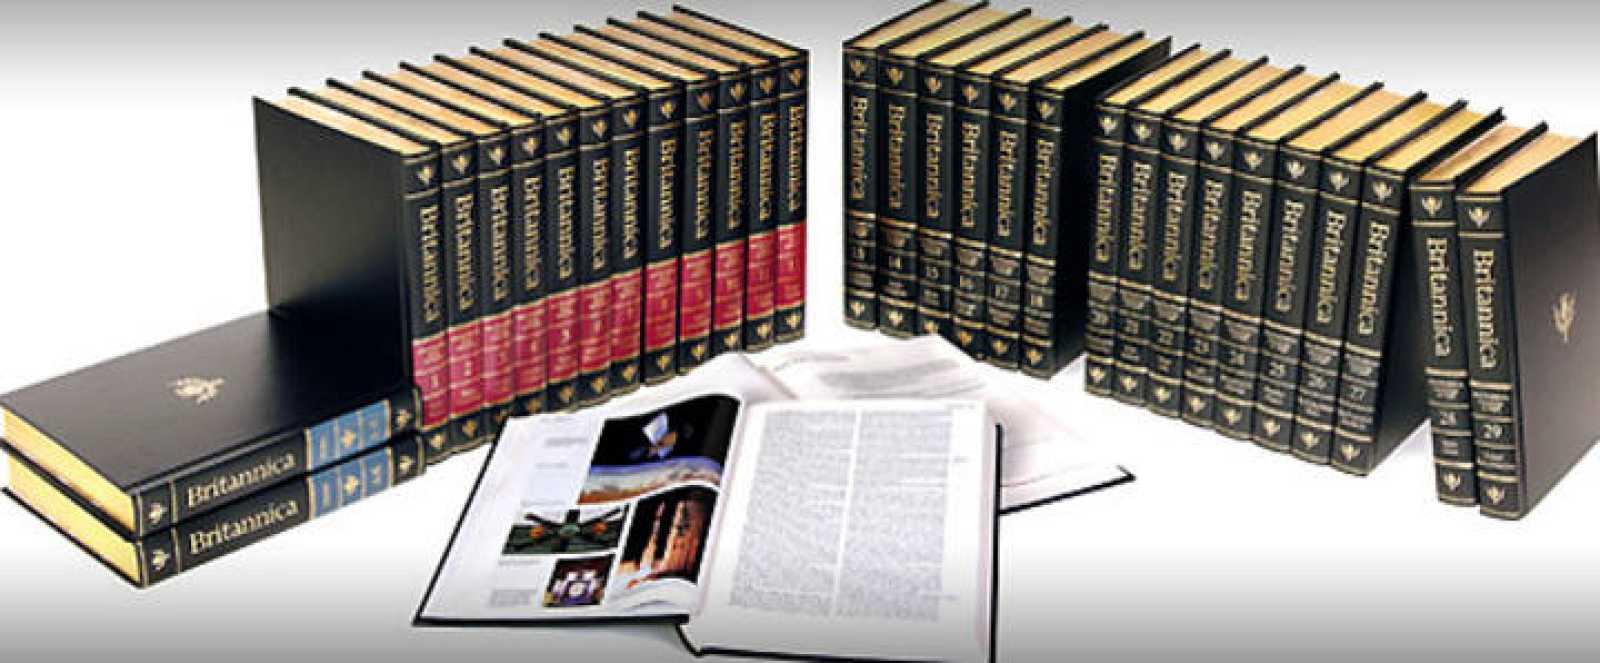 La Enciclopedia Británica se centrará en su edición digital para competir, entre otros, con Wikipedia